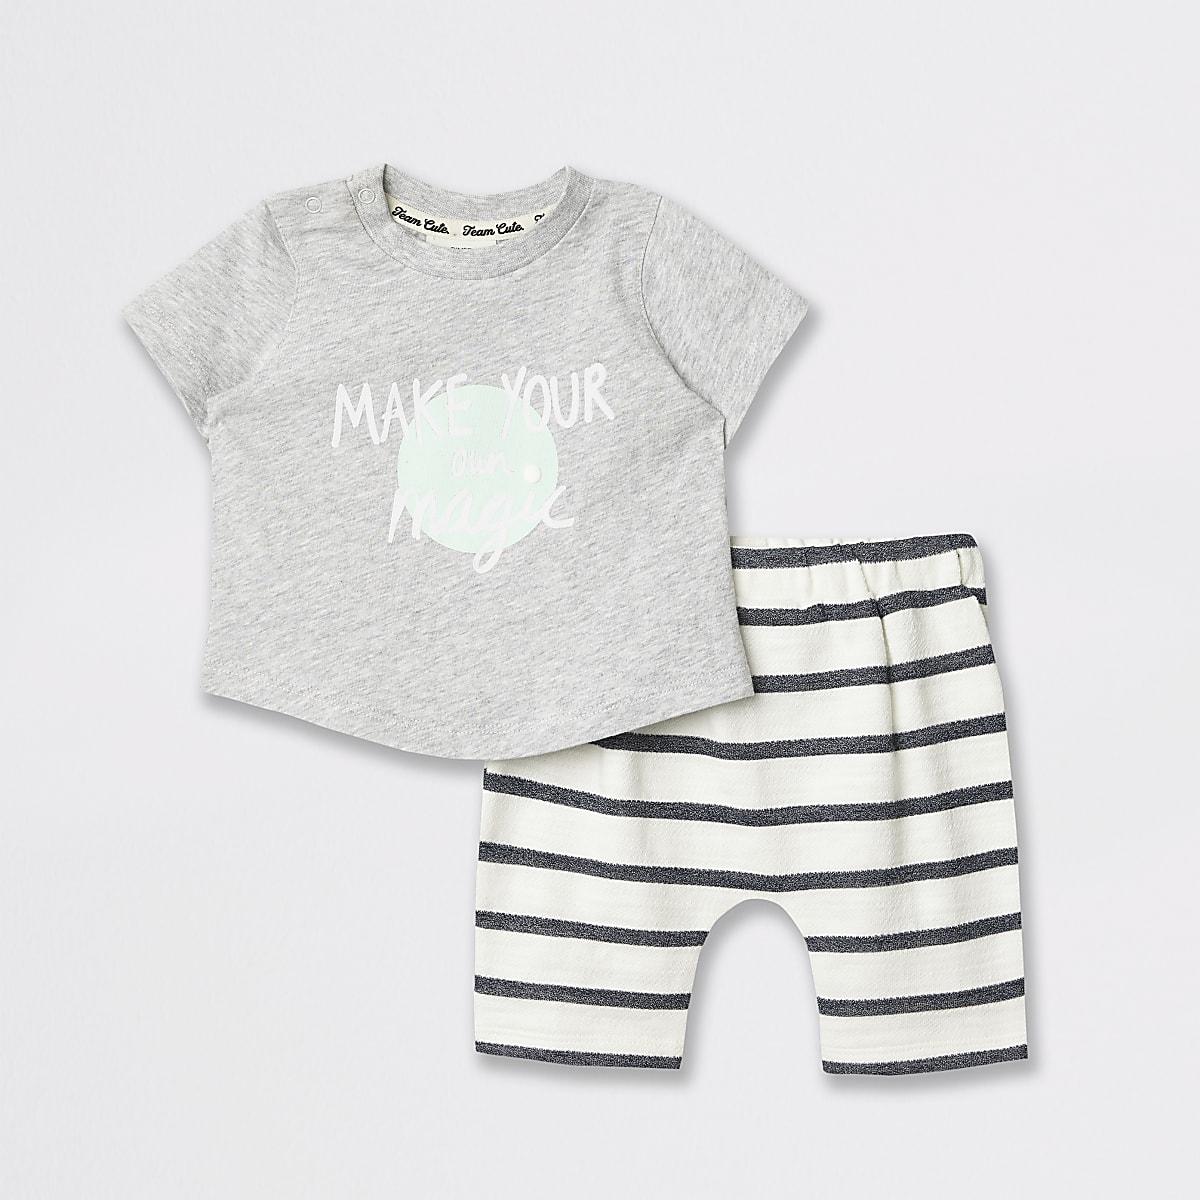 Outfit met grijs T-shirt met grafische print voor baby's